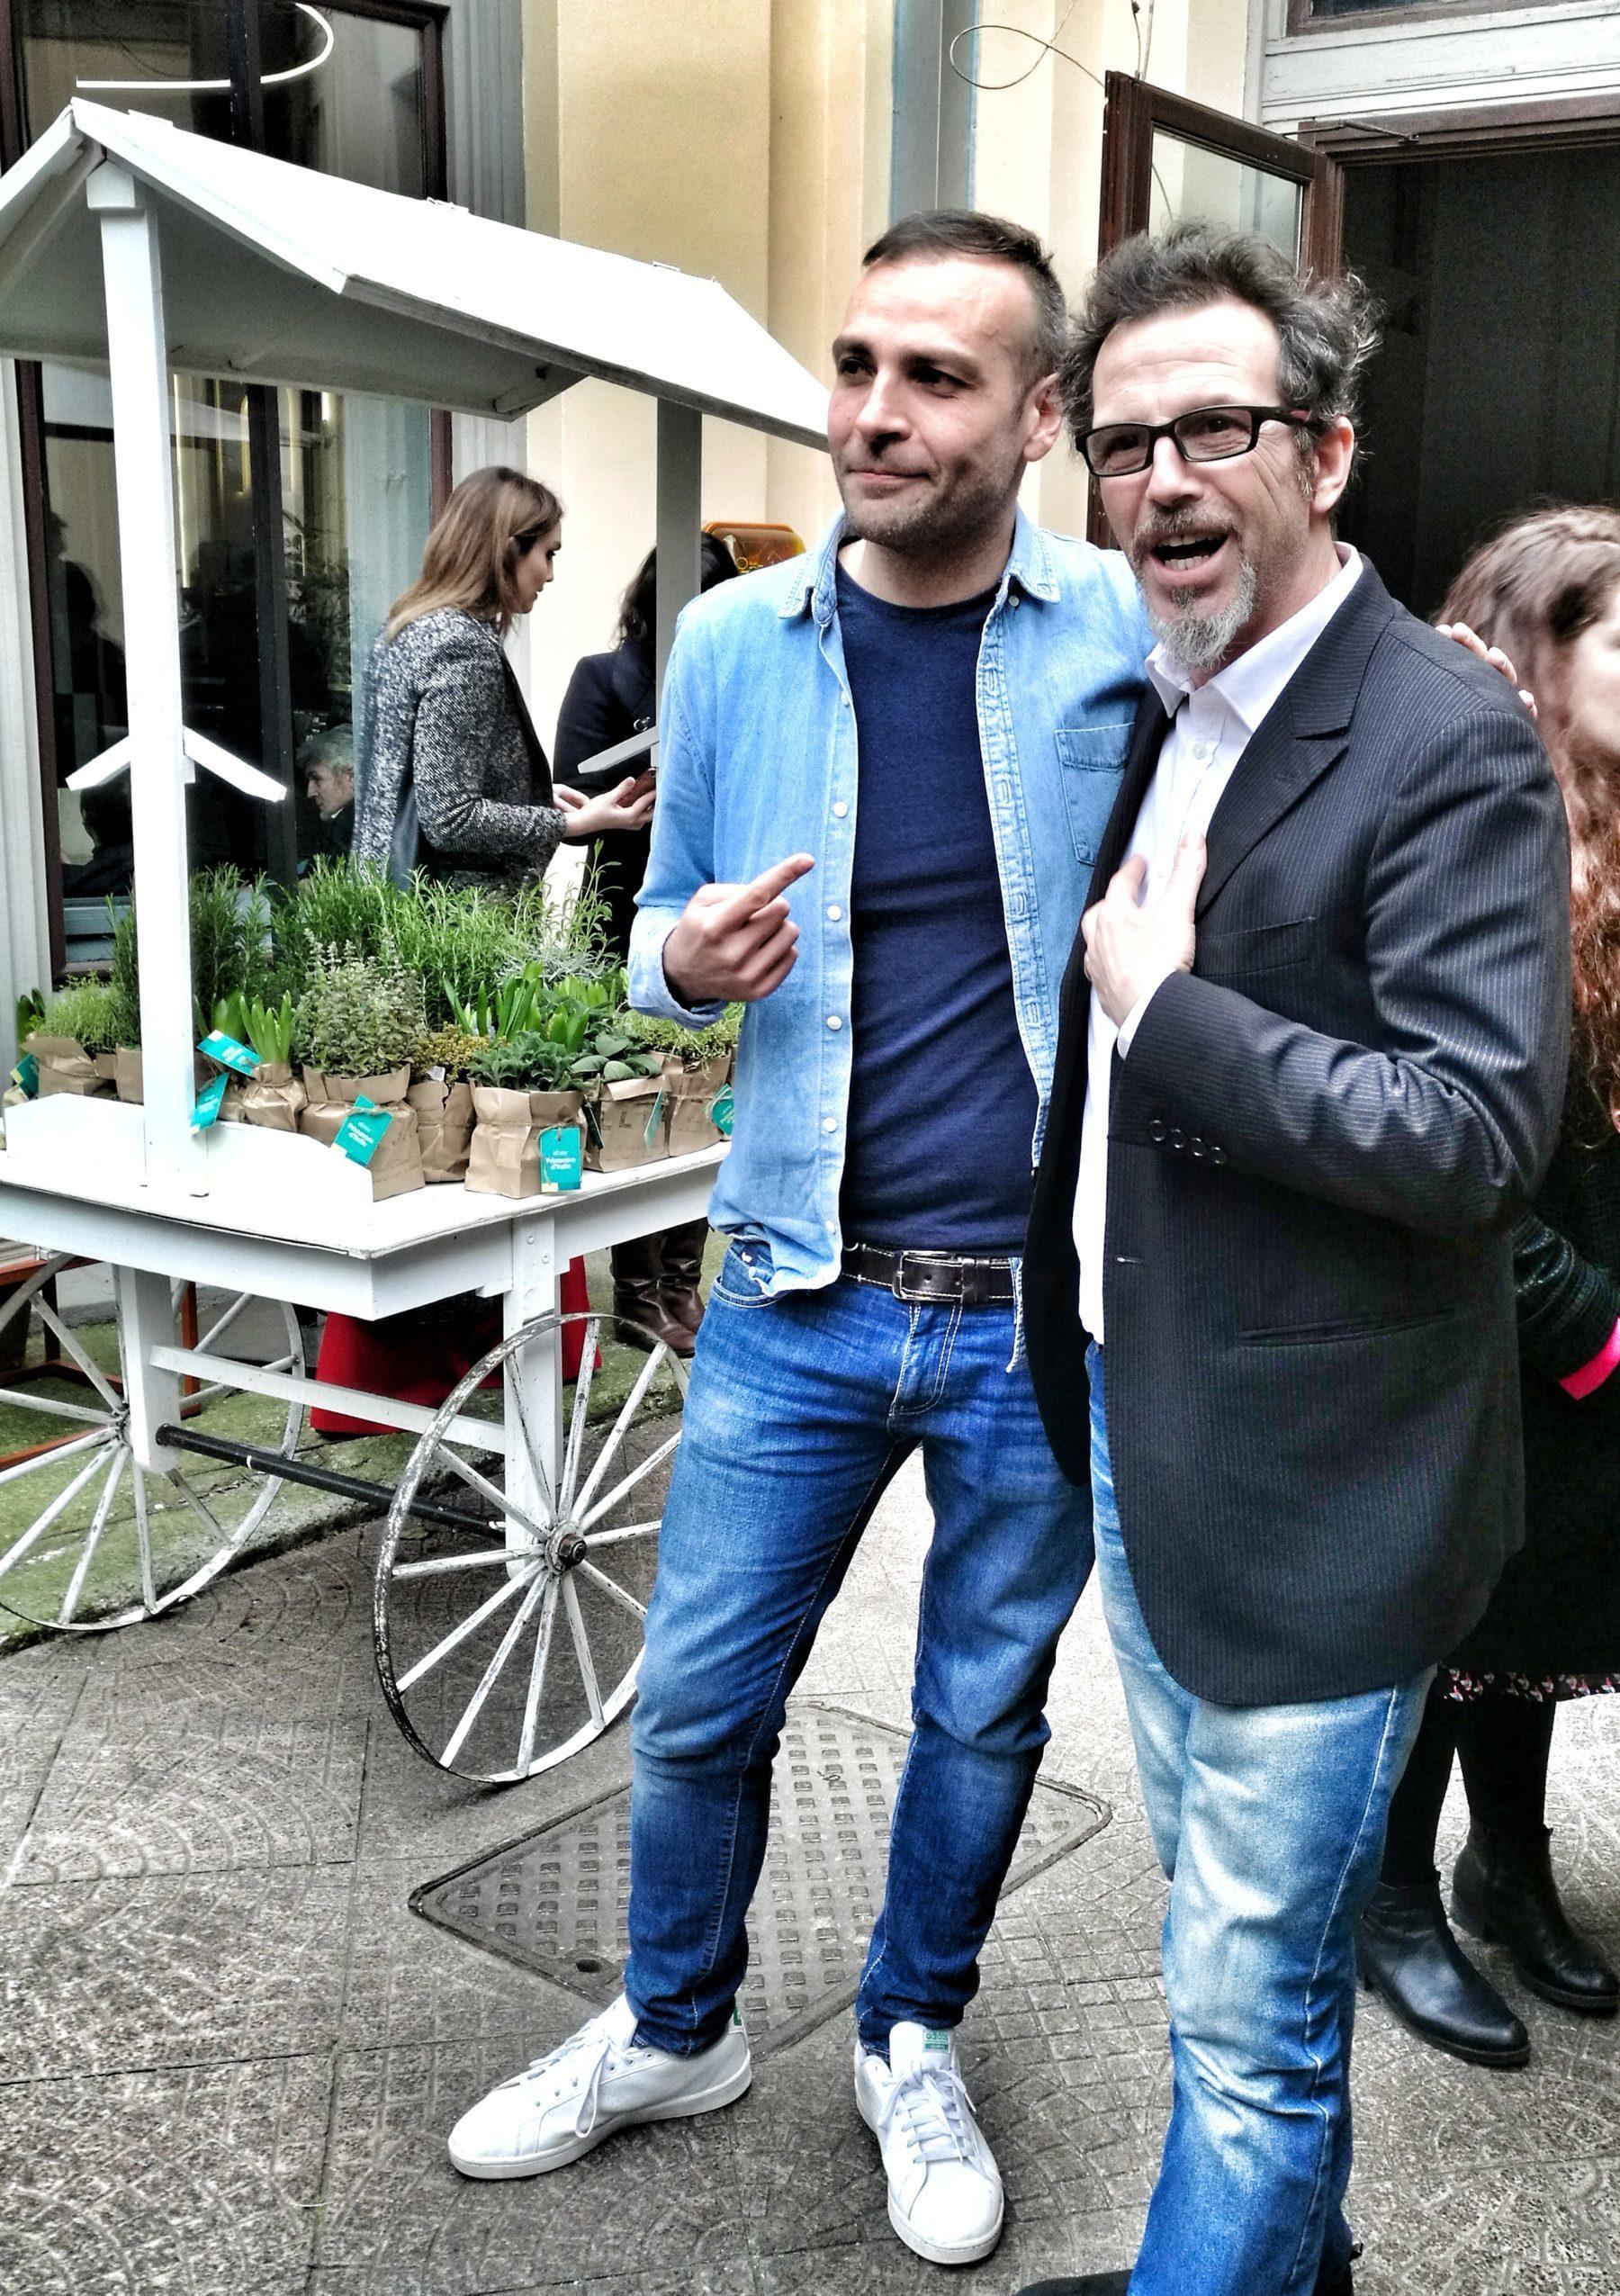 Evento EBAY Il Milanese Imbruttito & Casa Surace #primaverediebay